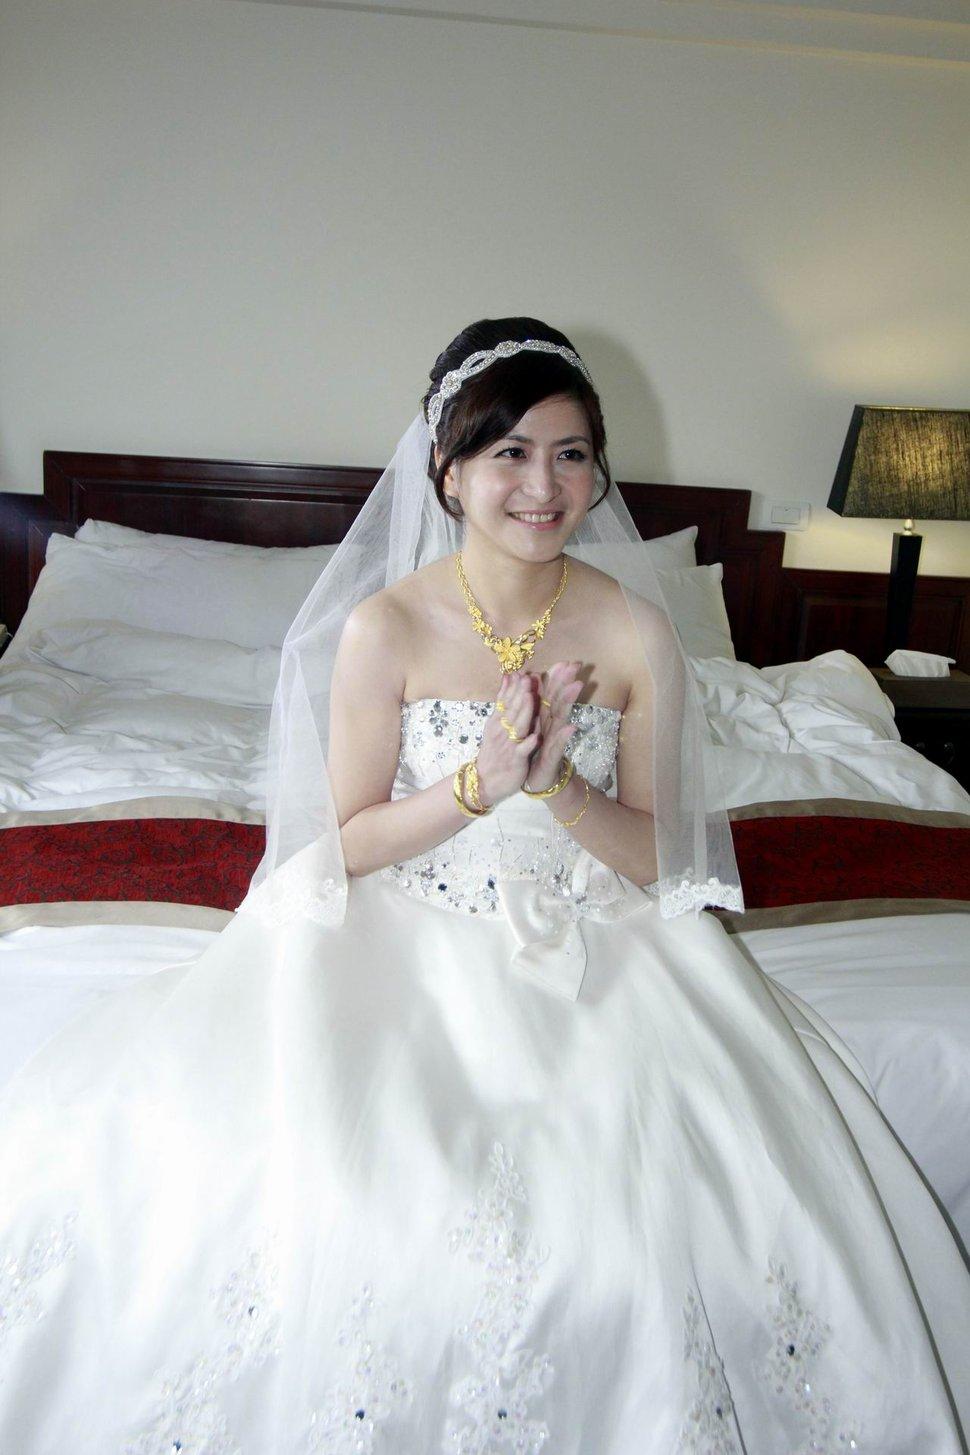 青青食尚花園會館婚禮記錄結婚迎娶婚禮記錄動態微電影錄影專業錄影平面攝影婚紗攝攝影婚禮主持人(編號:196703) - 蜜月拍照10800錄影12800攝影團隊 - 結婚吧